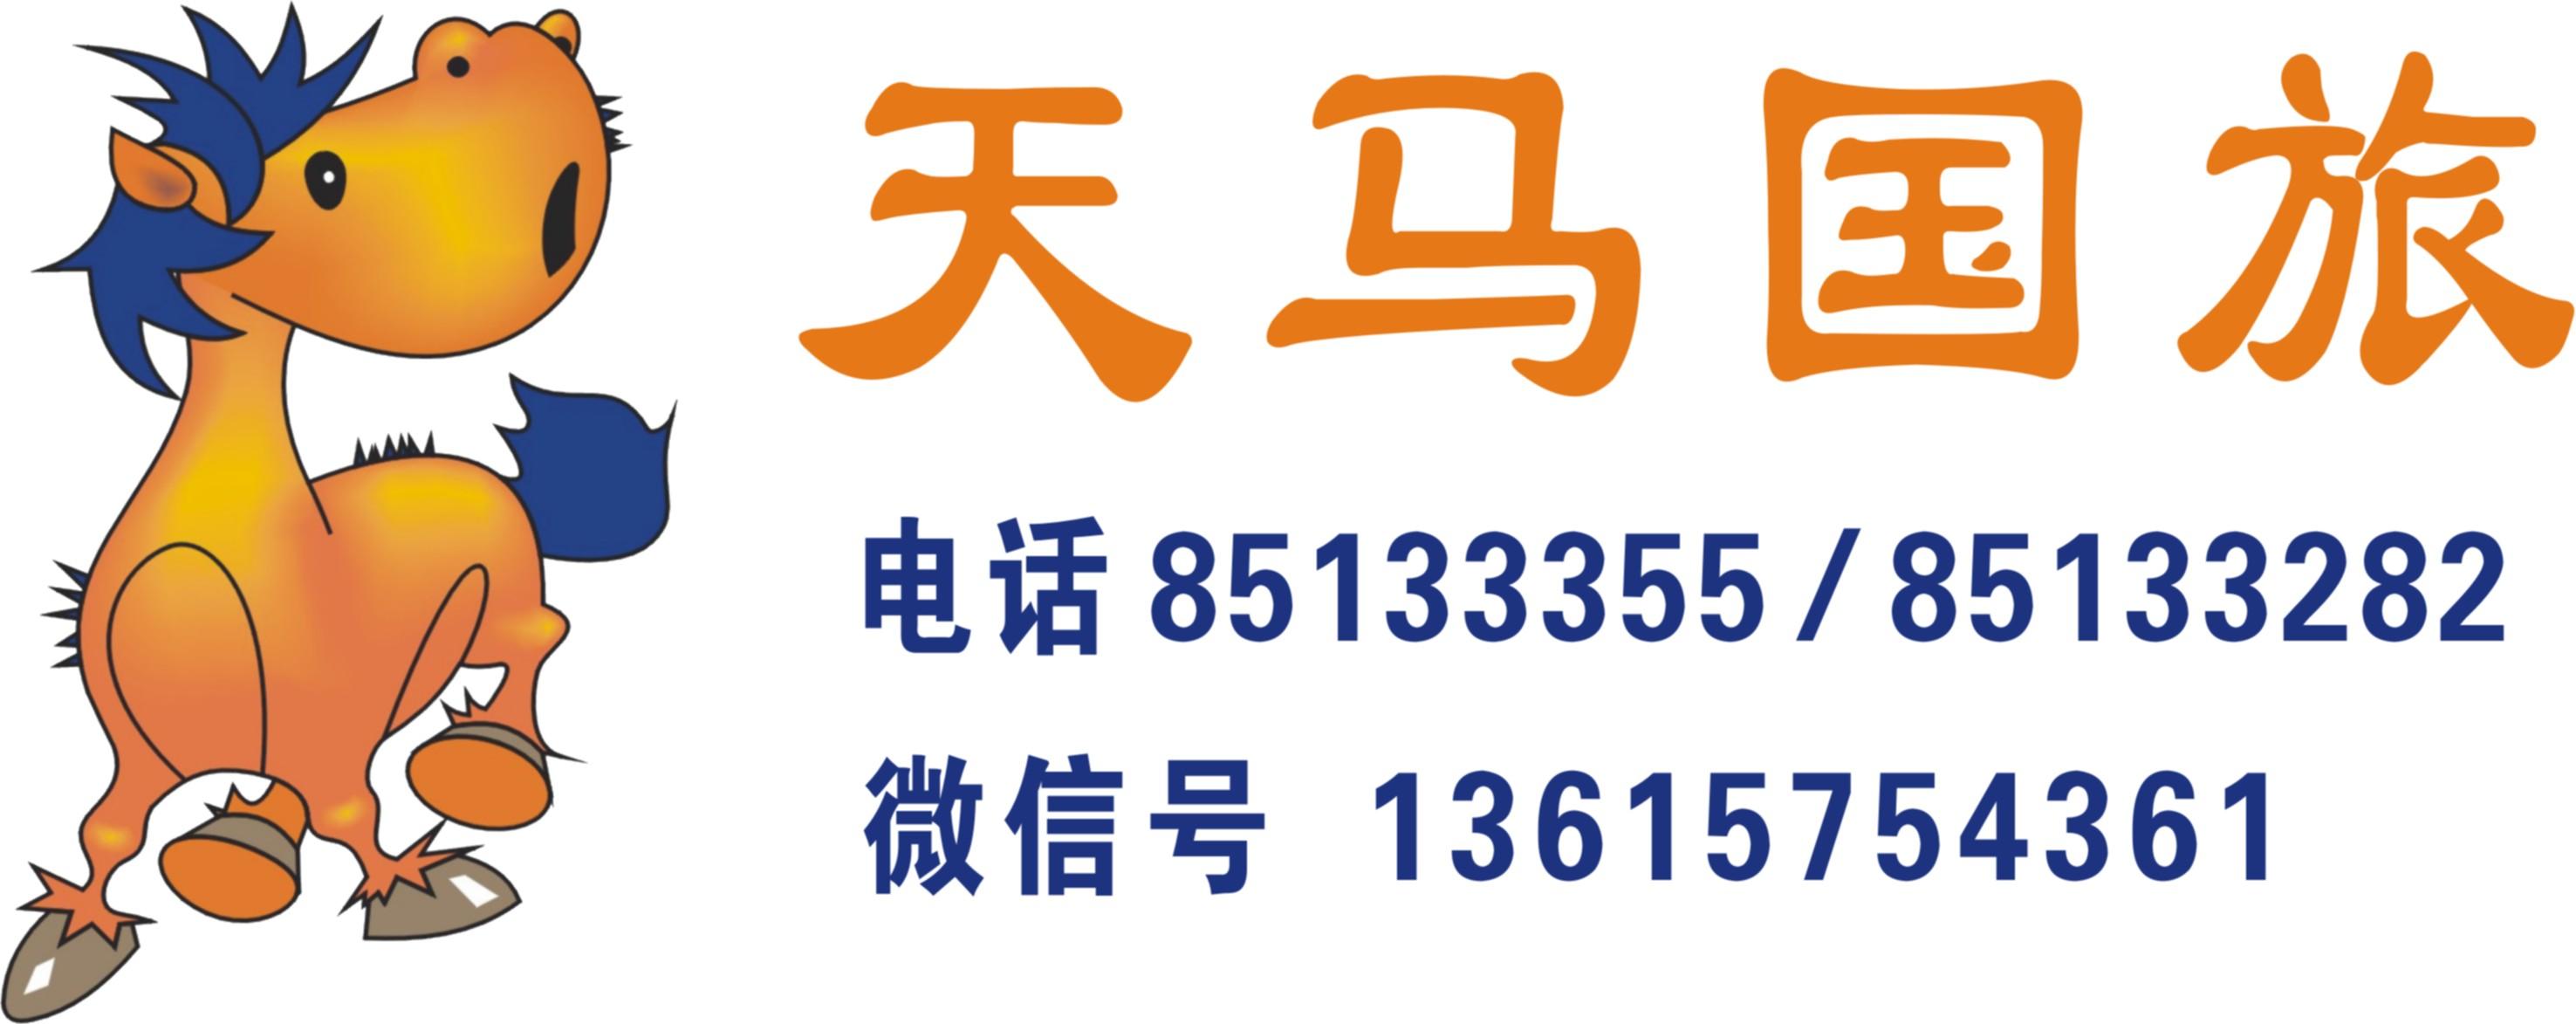 5.29【夕阳红扬州瘦西湖、大明寺、镇江金山寺二日】1早3正